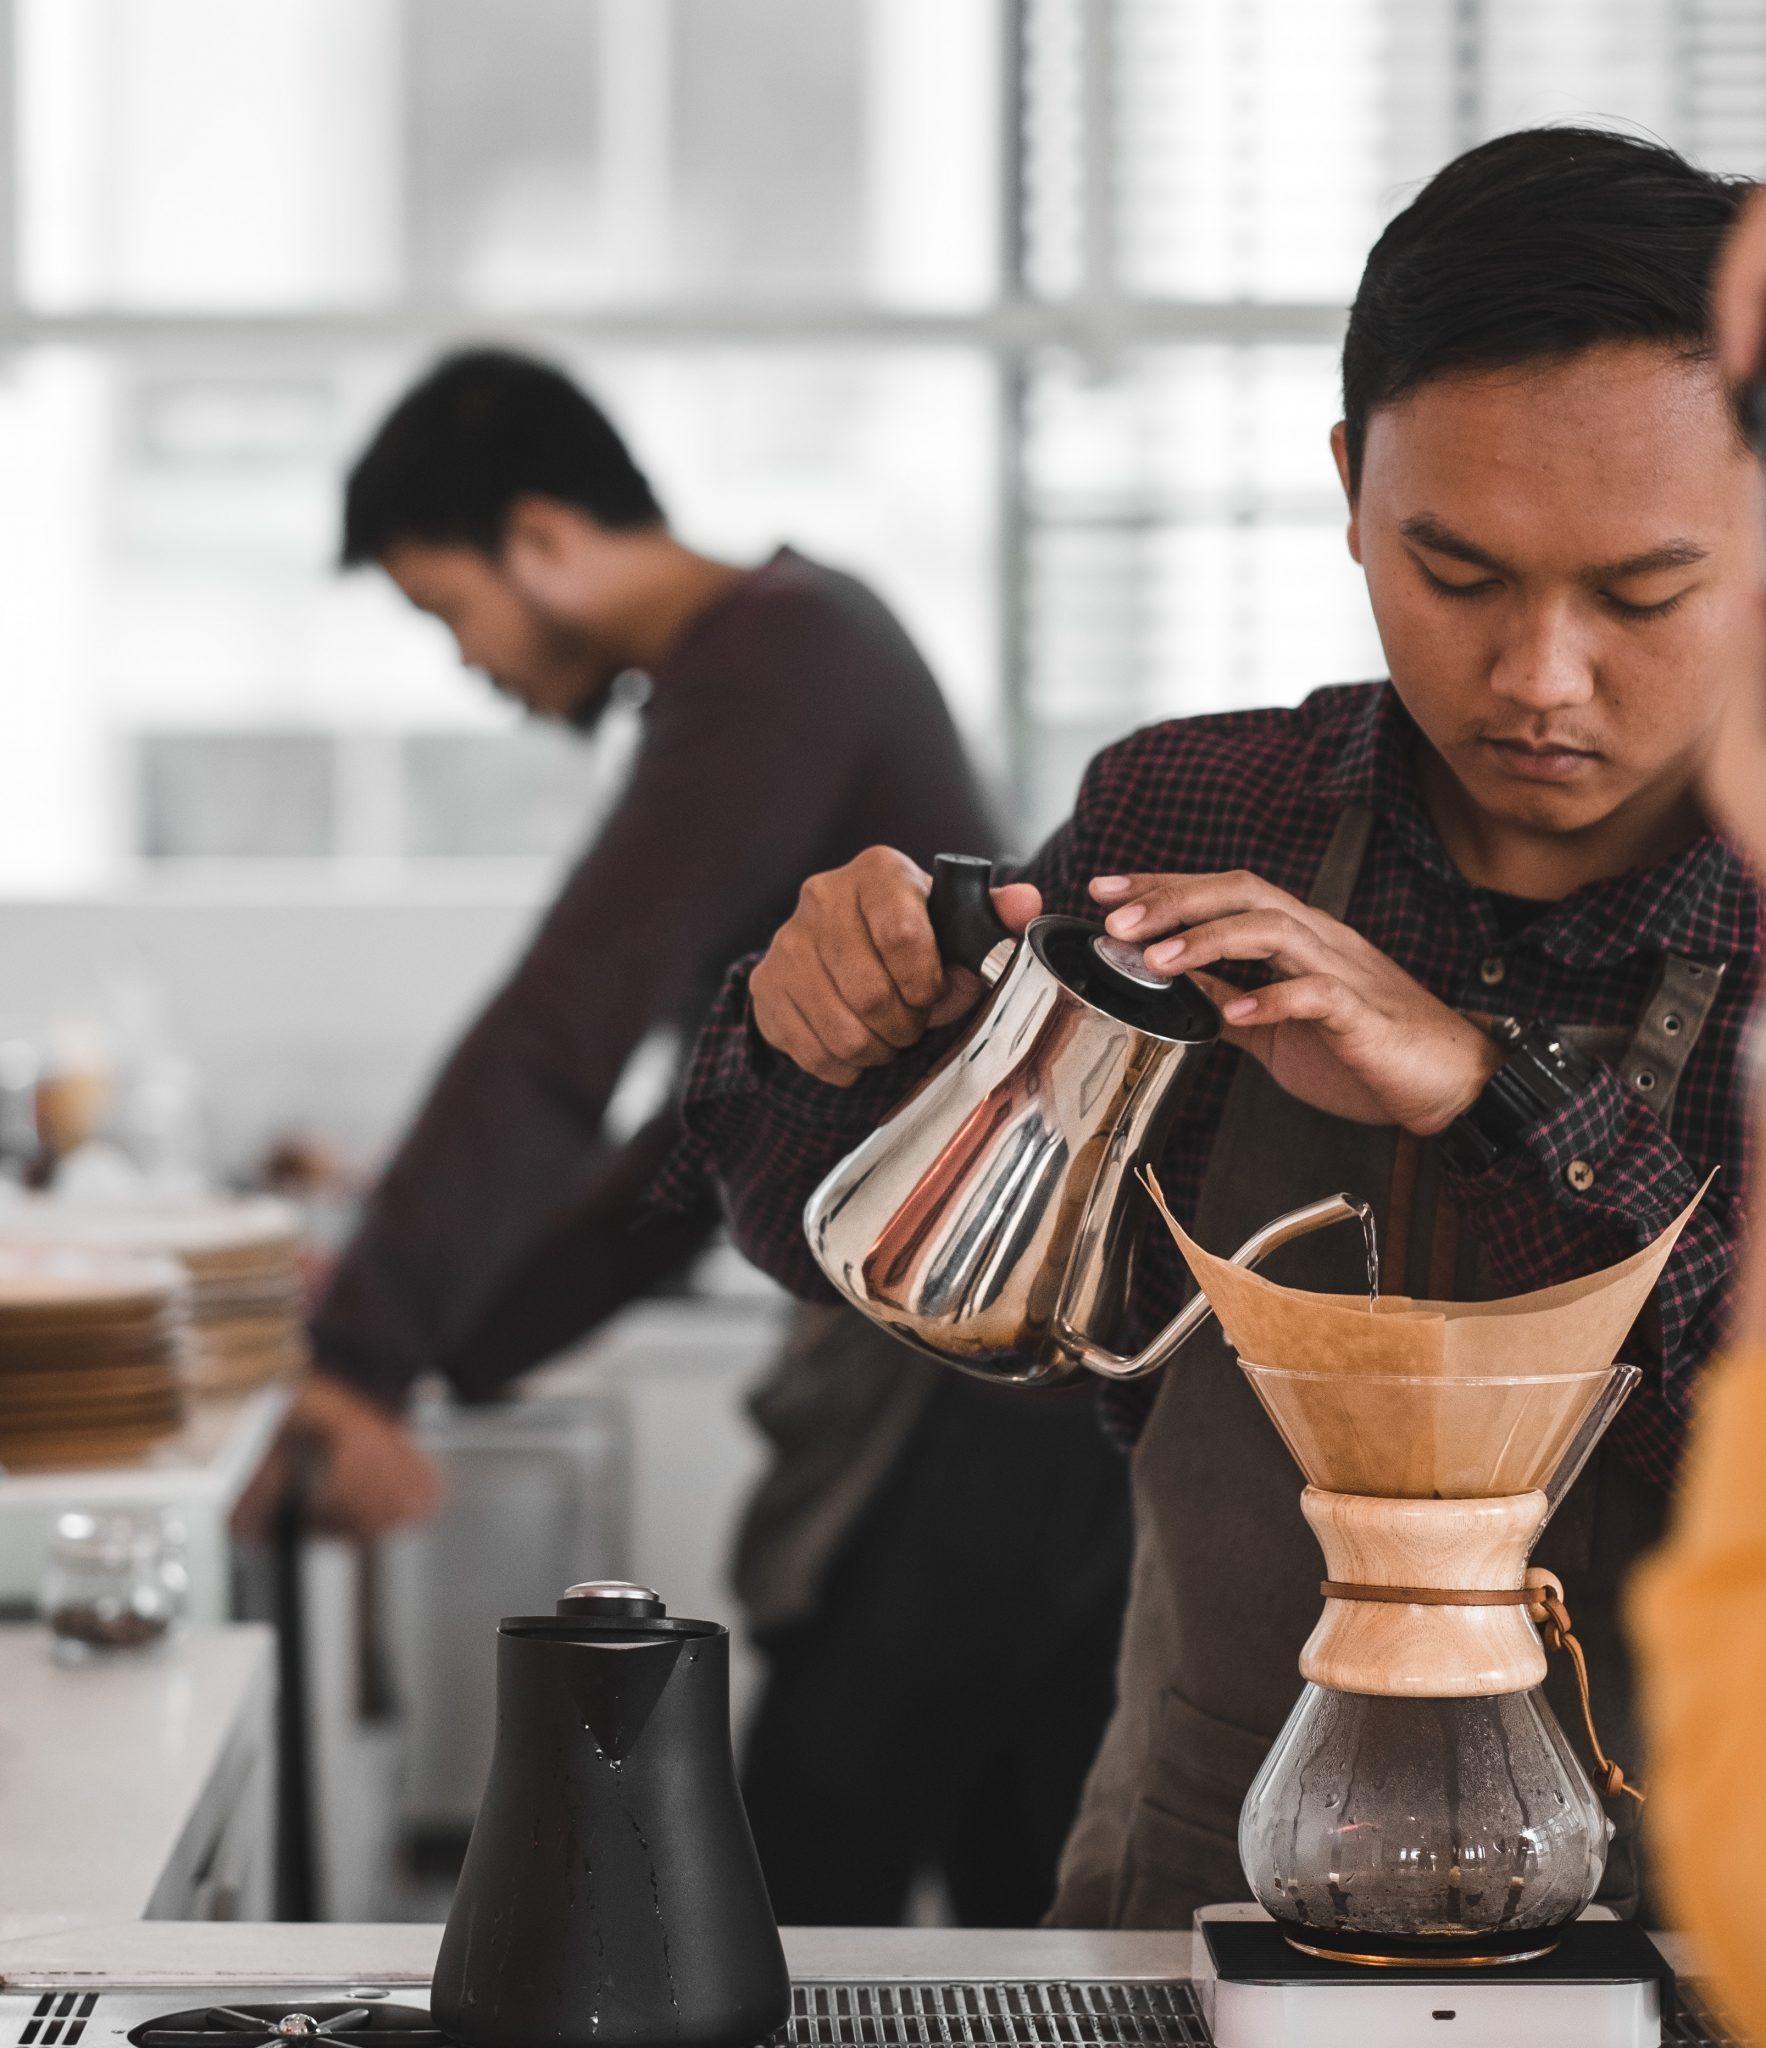 Barista preparando um café na Chemex.